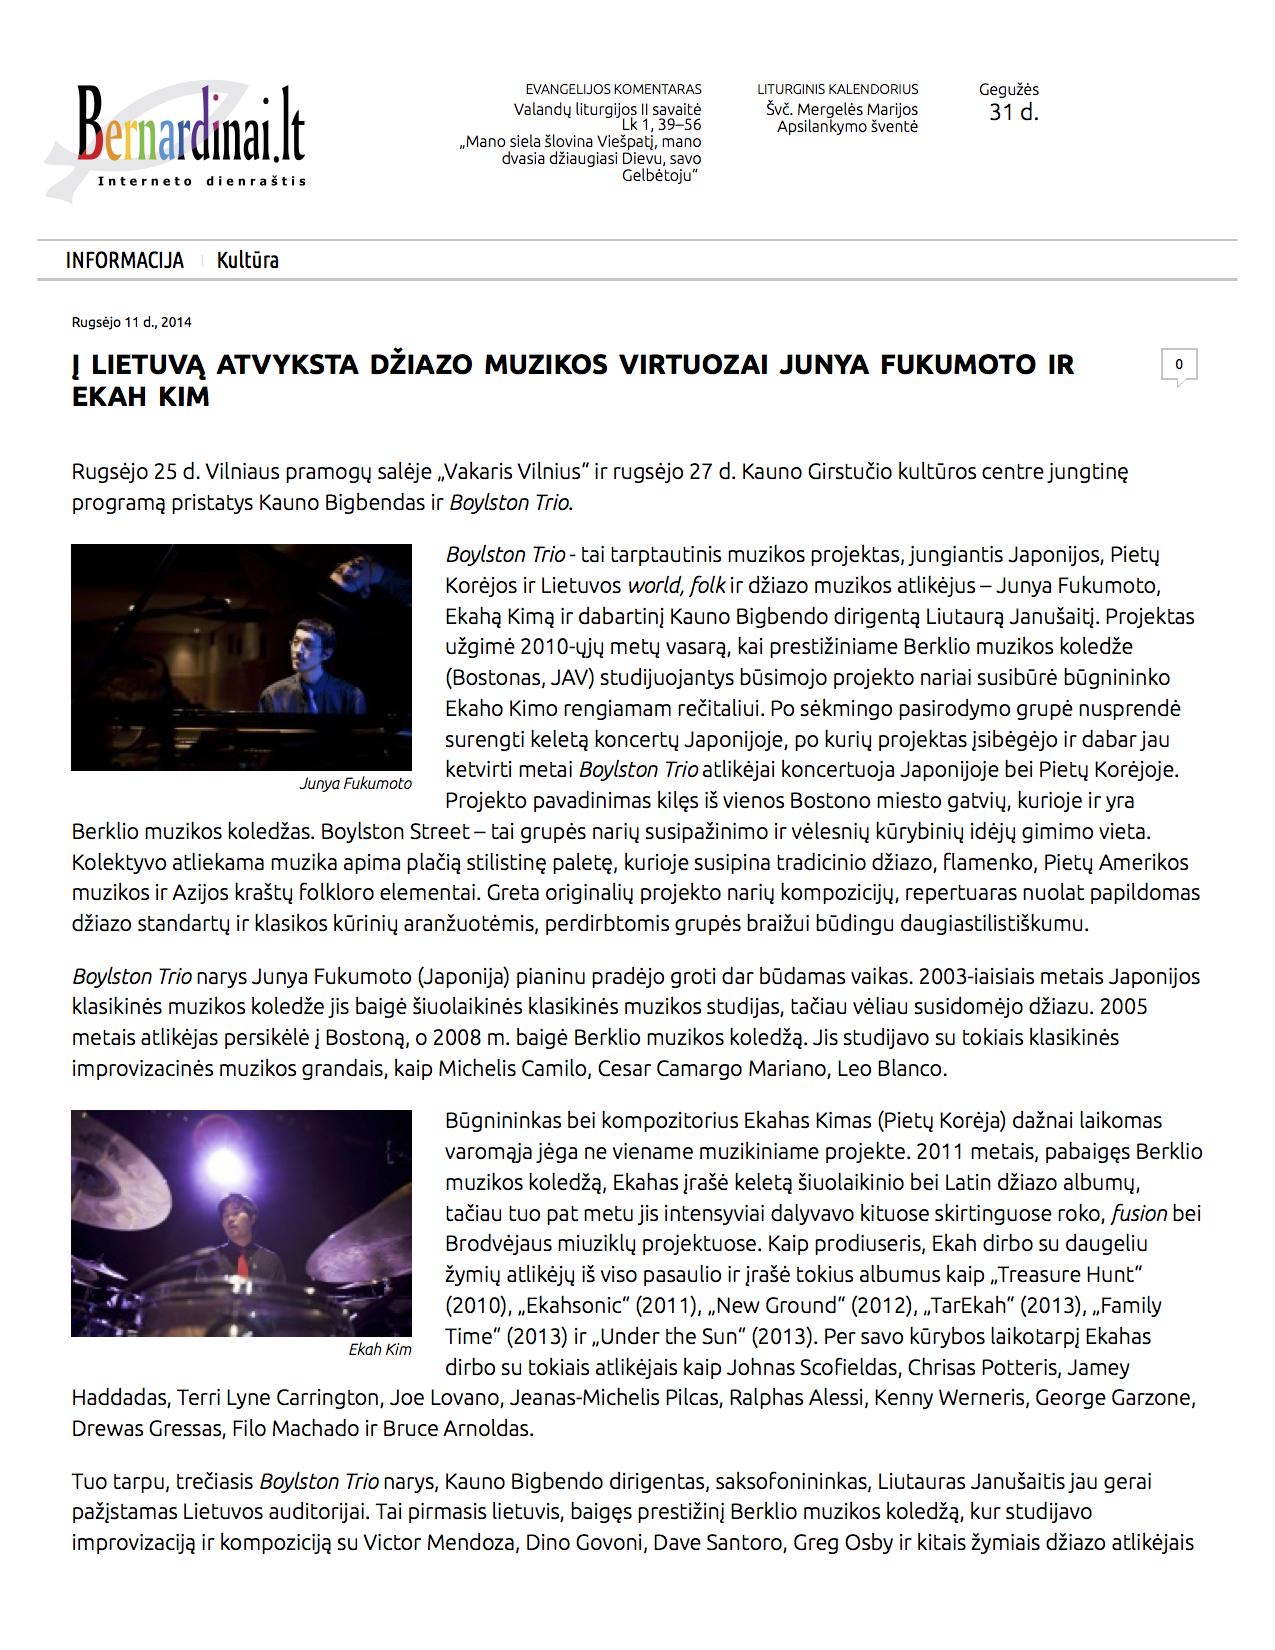 Į_Lietuvą_atvyksta_džiazo_muzikos_virtuozai_Junya_Fukumoto_ir_Ekah_Kim_-_Bernardinai.lt_copy